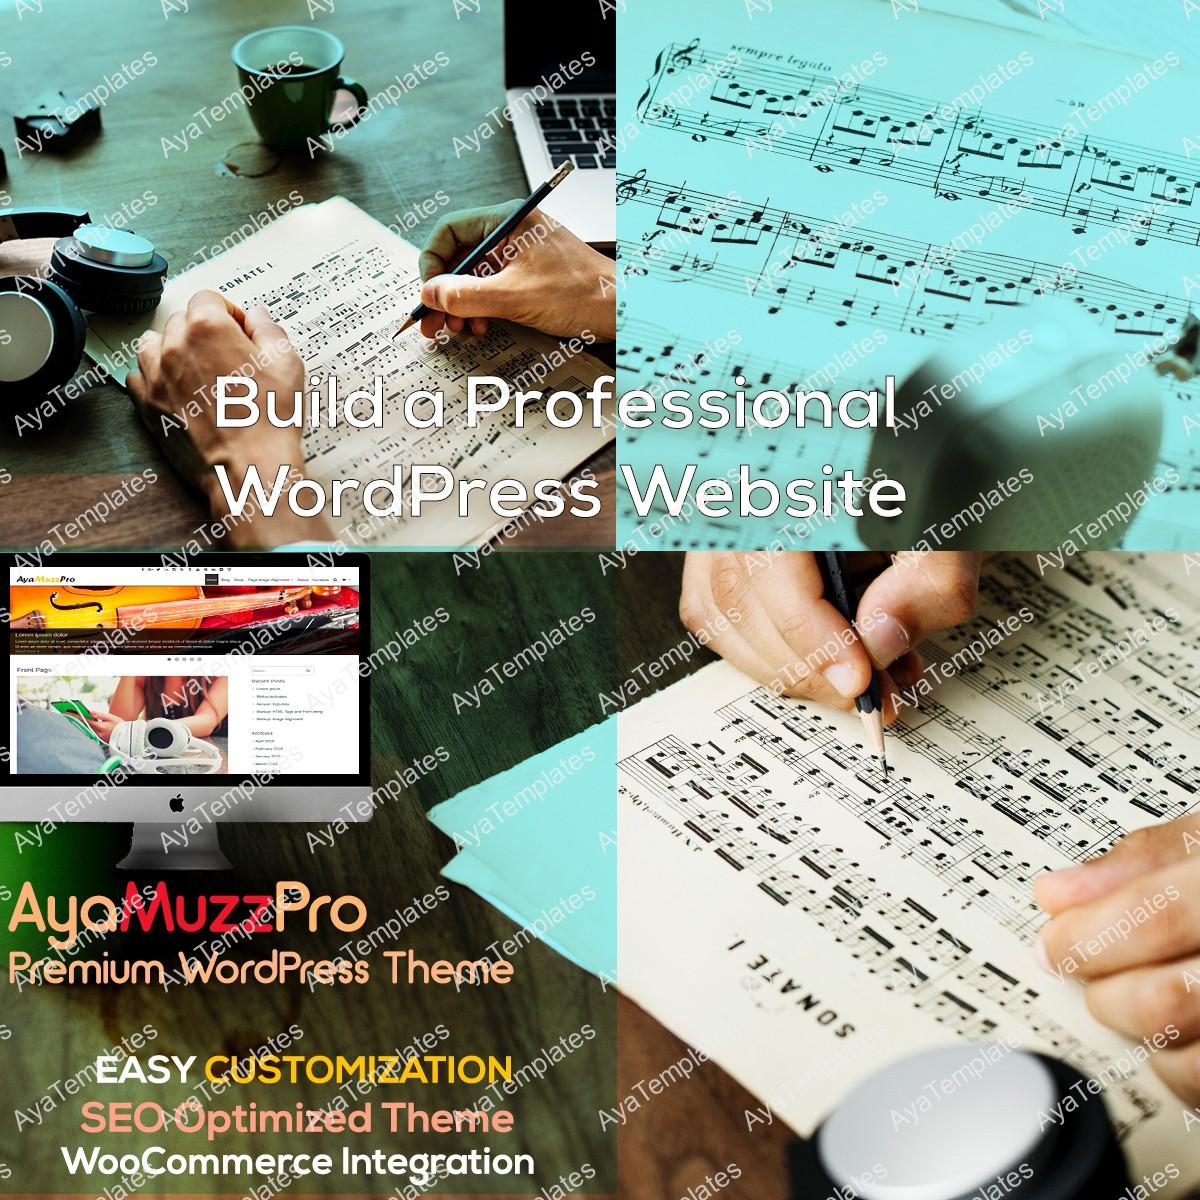 AyaMuzzPro-Premium-WordPress-theme-mockup